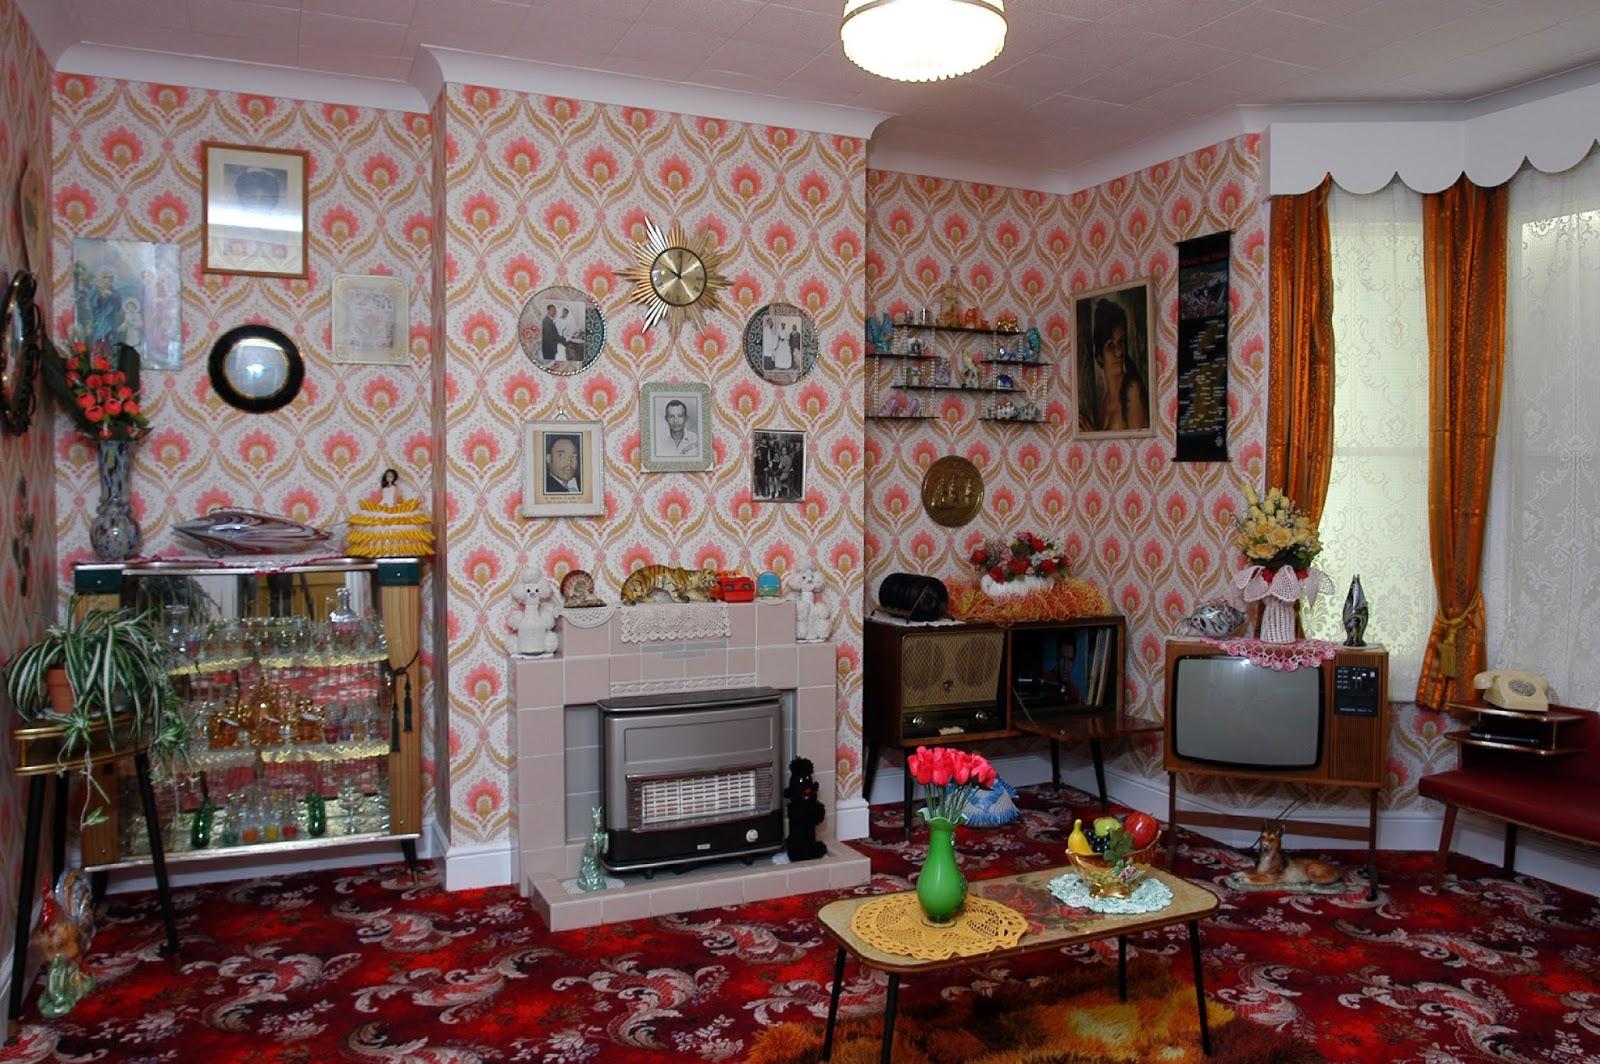 The West Indian Front Room Geffrye Museum 2005 06 CJohn Neligan